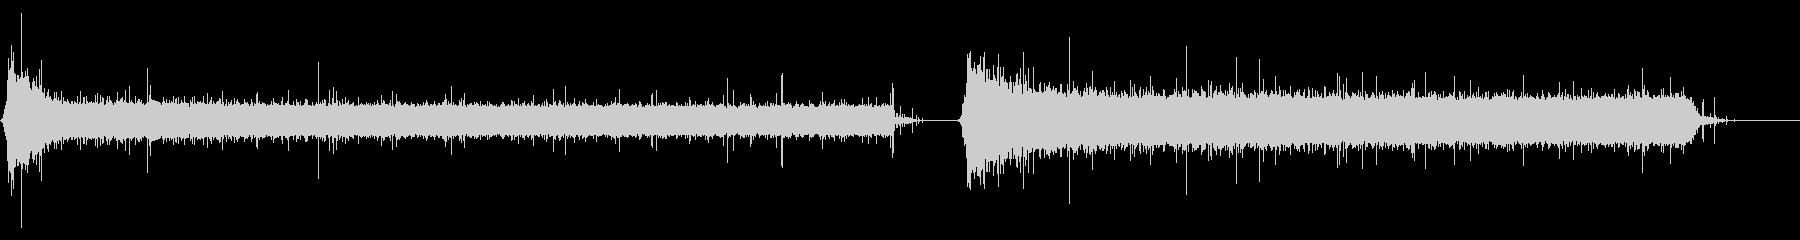 タップフィルウォーターシンク磁器シ...の未再生の波形